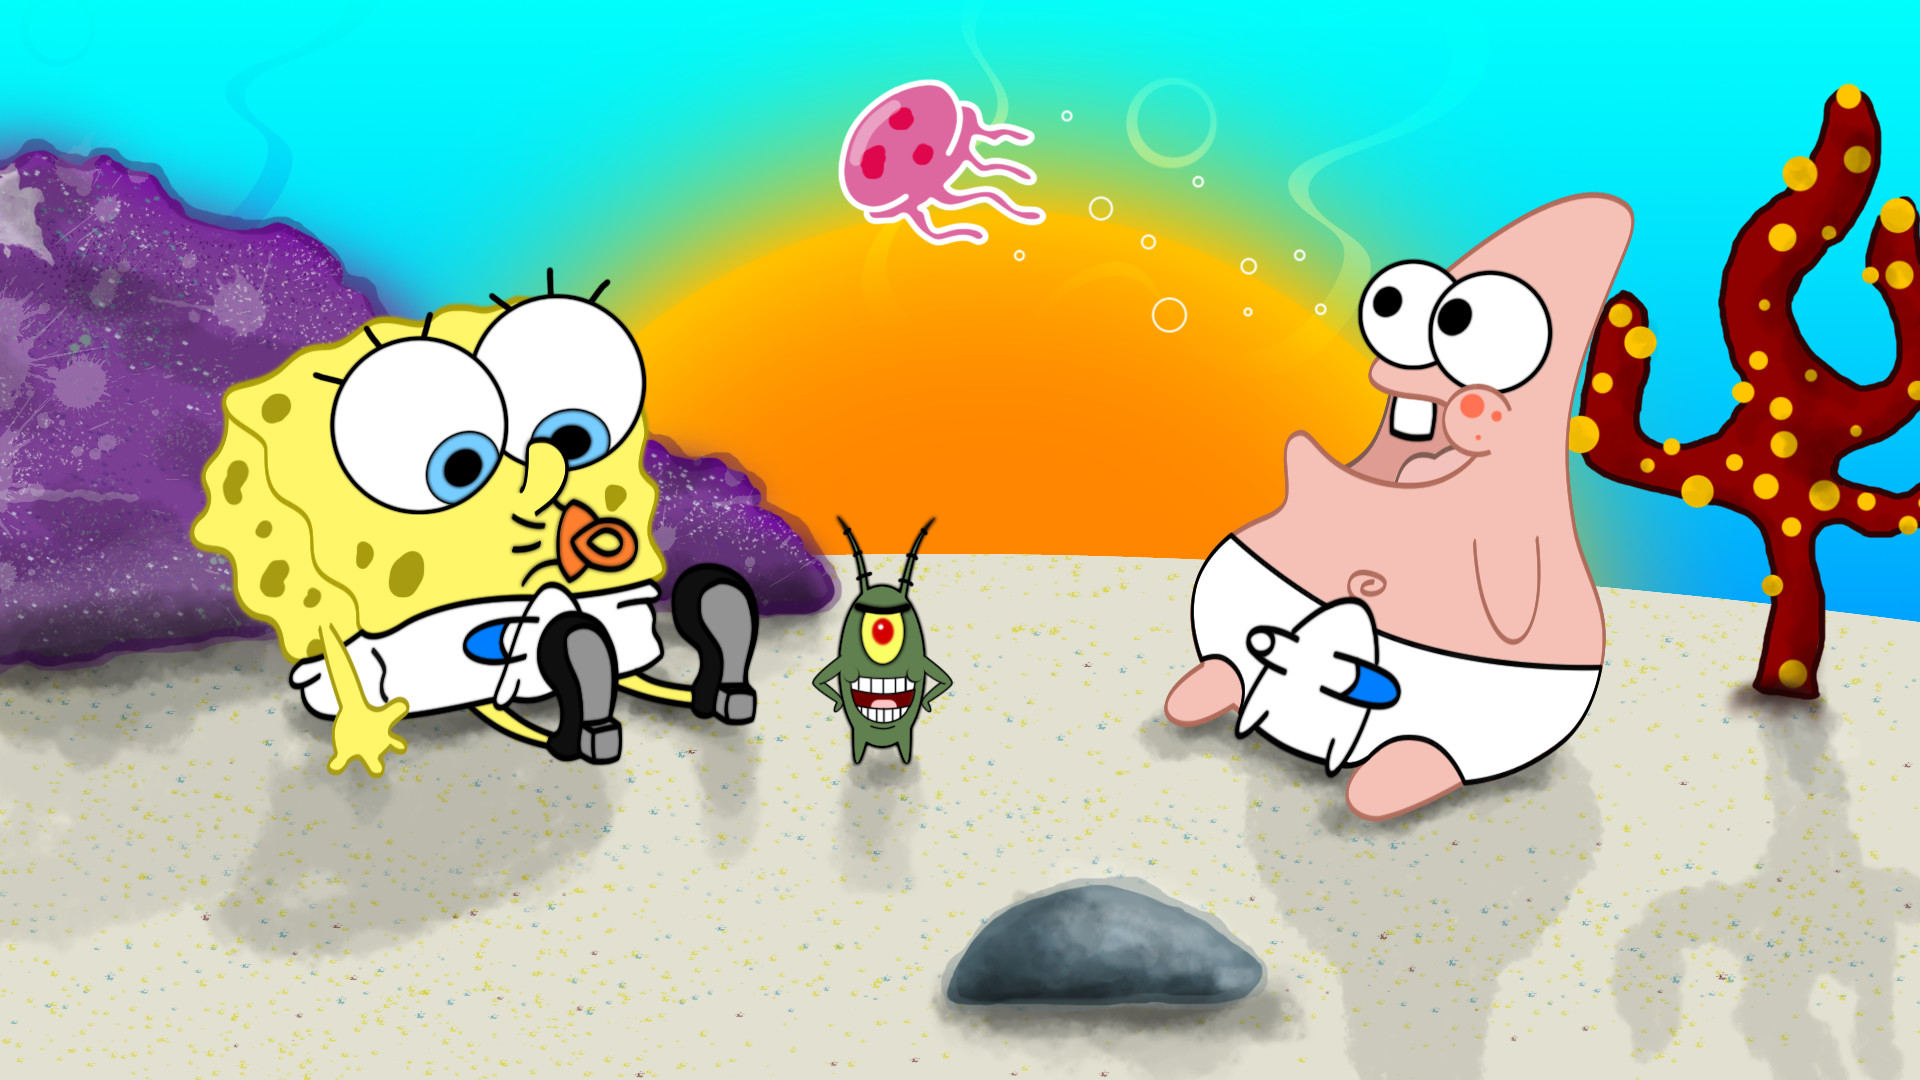 Spongebob Squarepants Wallpaper (66+ images)